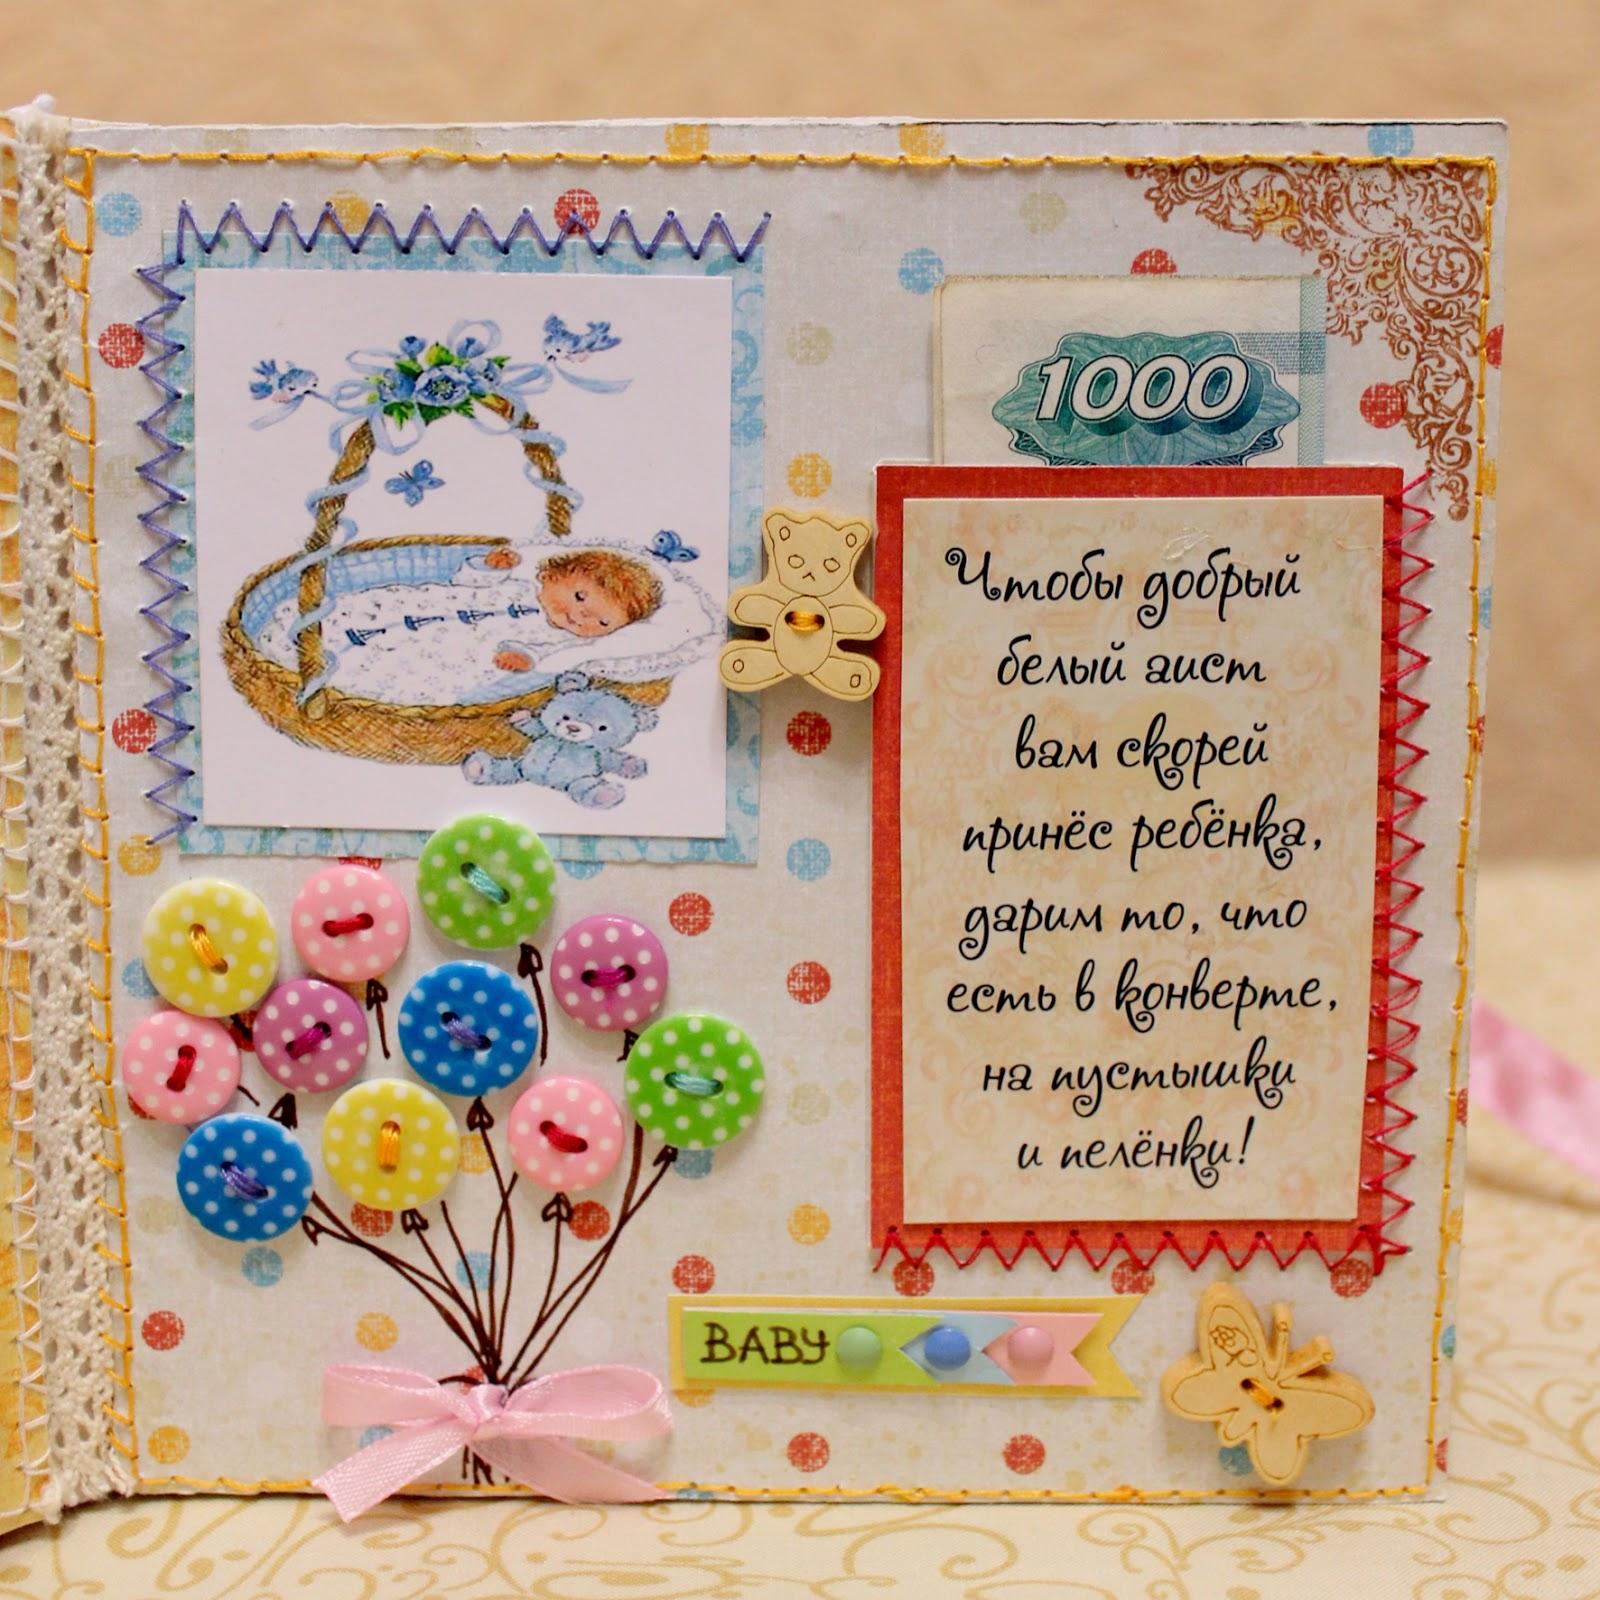 Оригинальные и прикольные подарки на свадьбу молодоженам 91